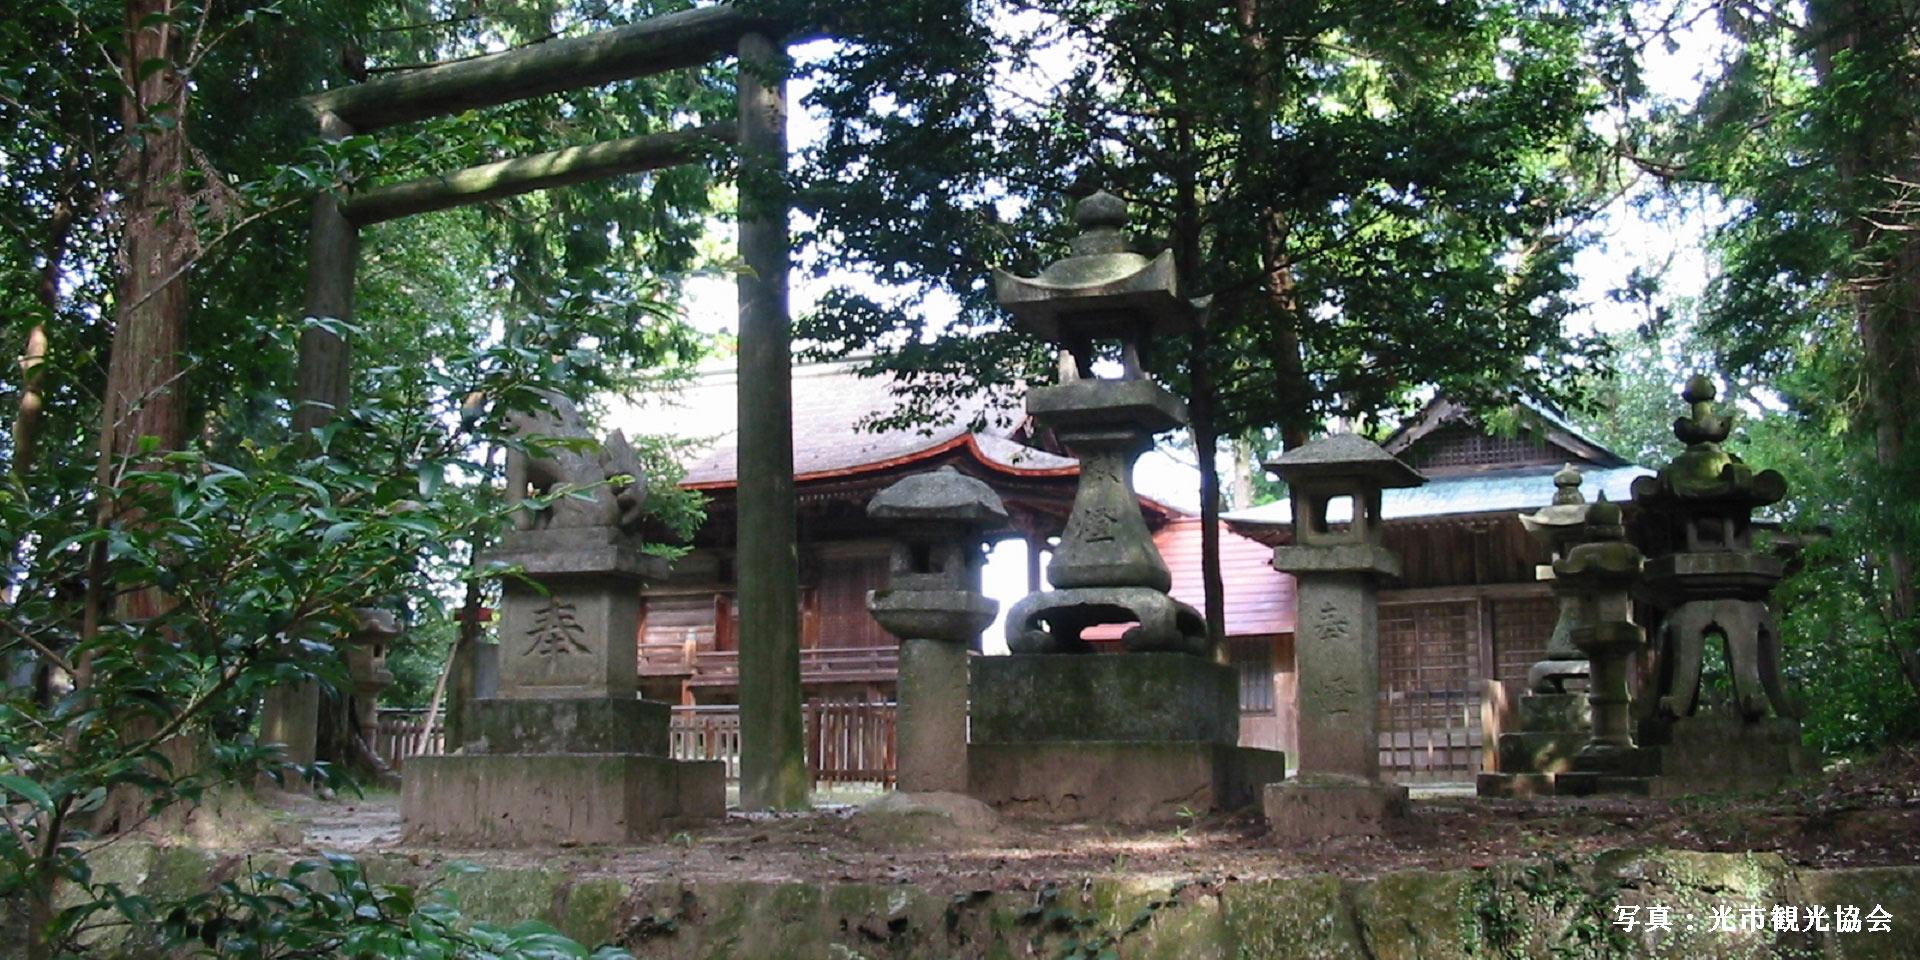 石城山 石城神社